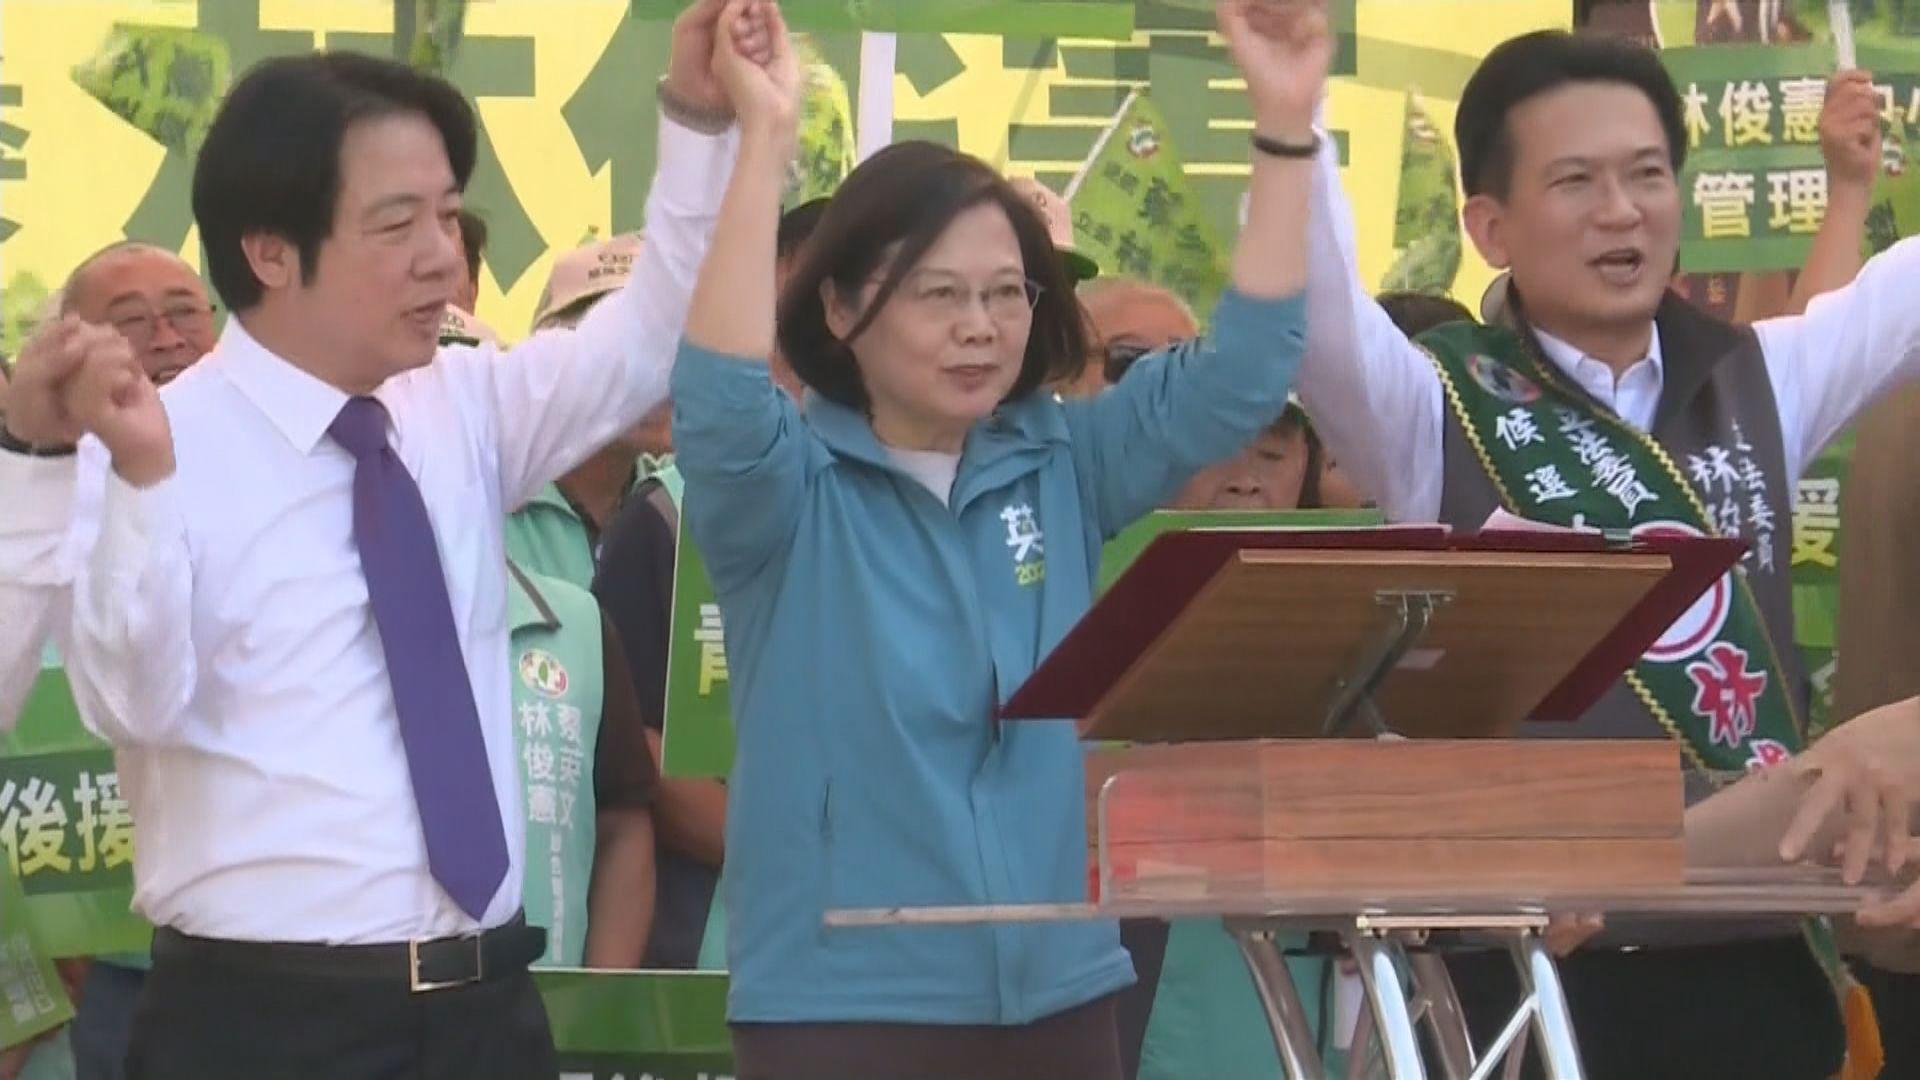 重量級政治人物雲集台南為選舉造勢